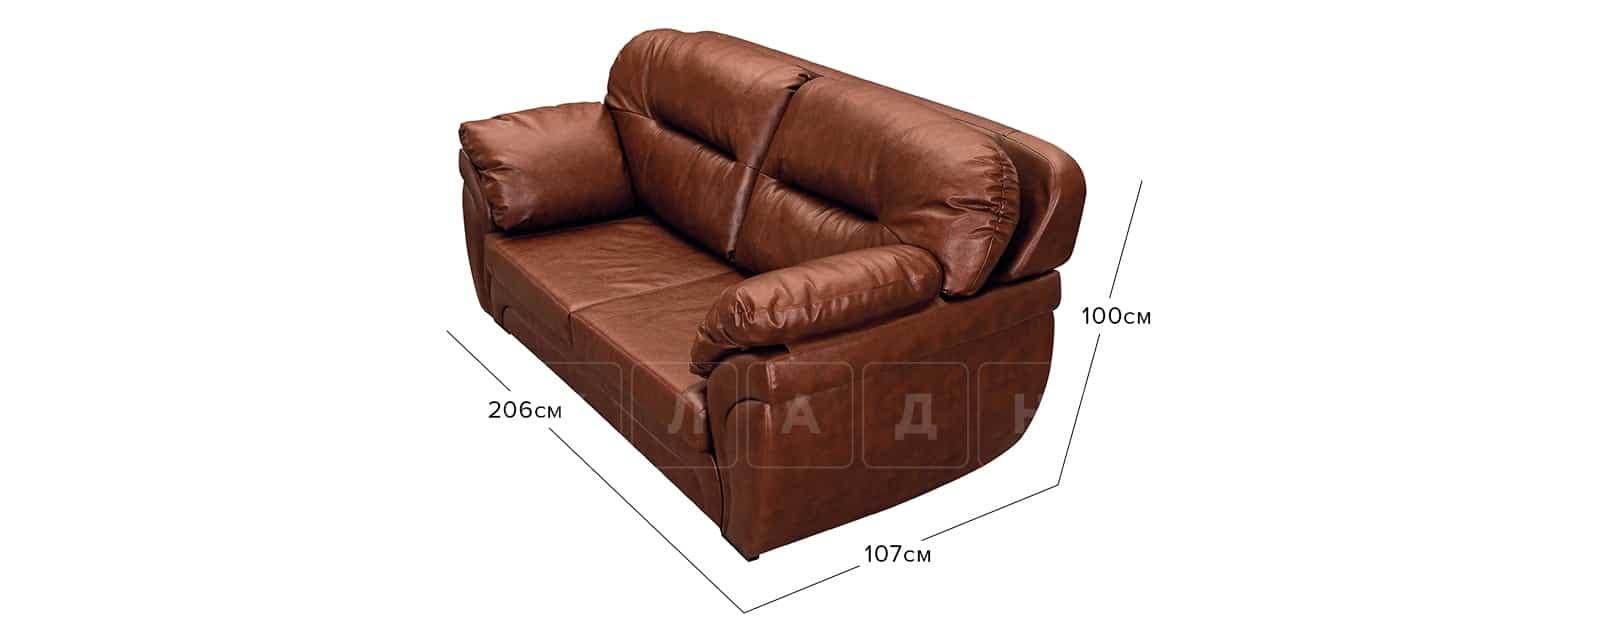 Диван Бристоль кожаный коричневого цвета фото 11 | интернет-магазин Складно